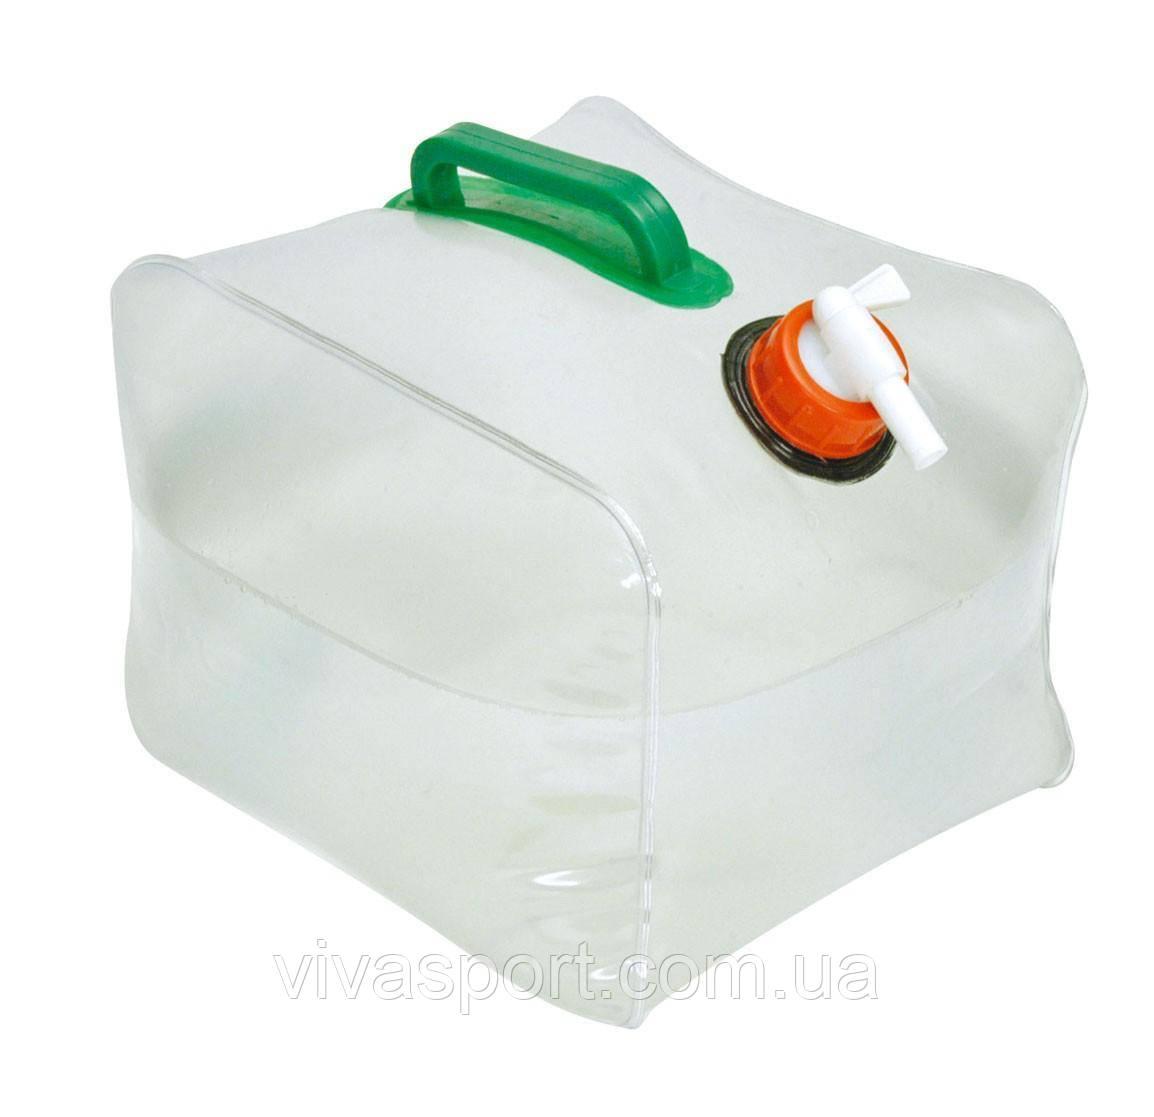 Складная канистра для воды, 10 л